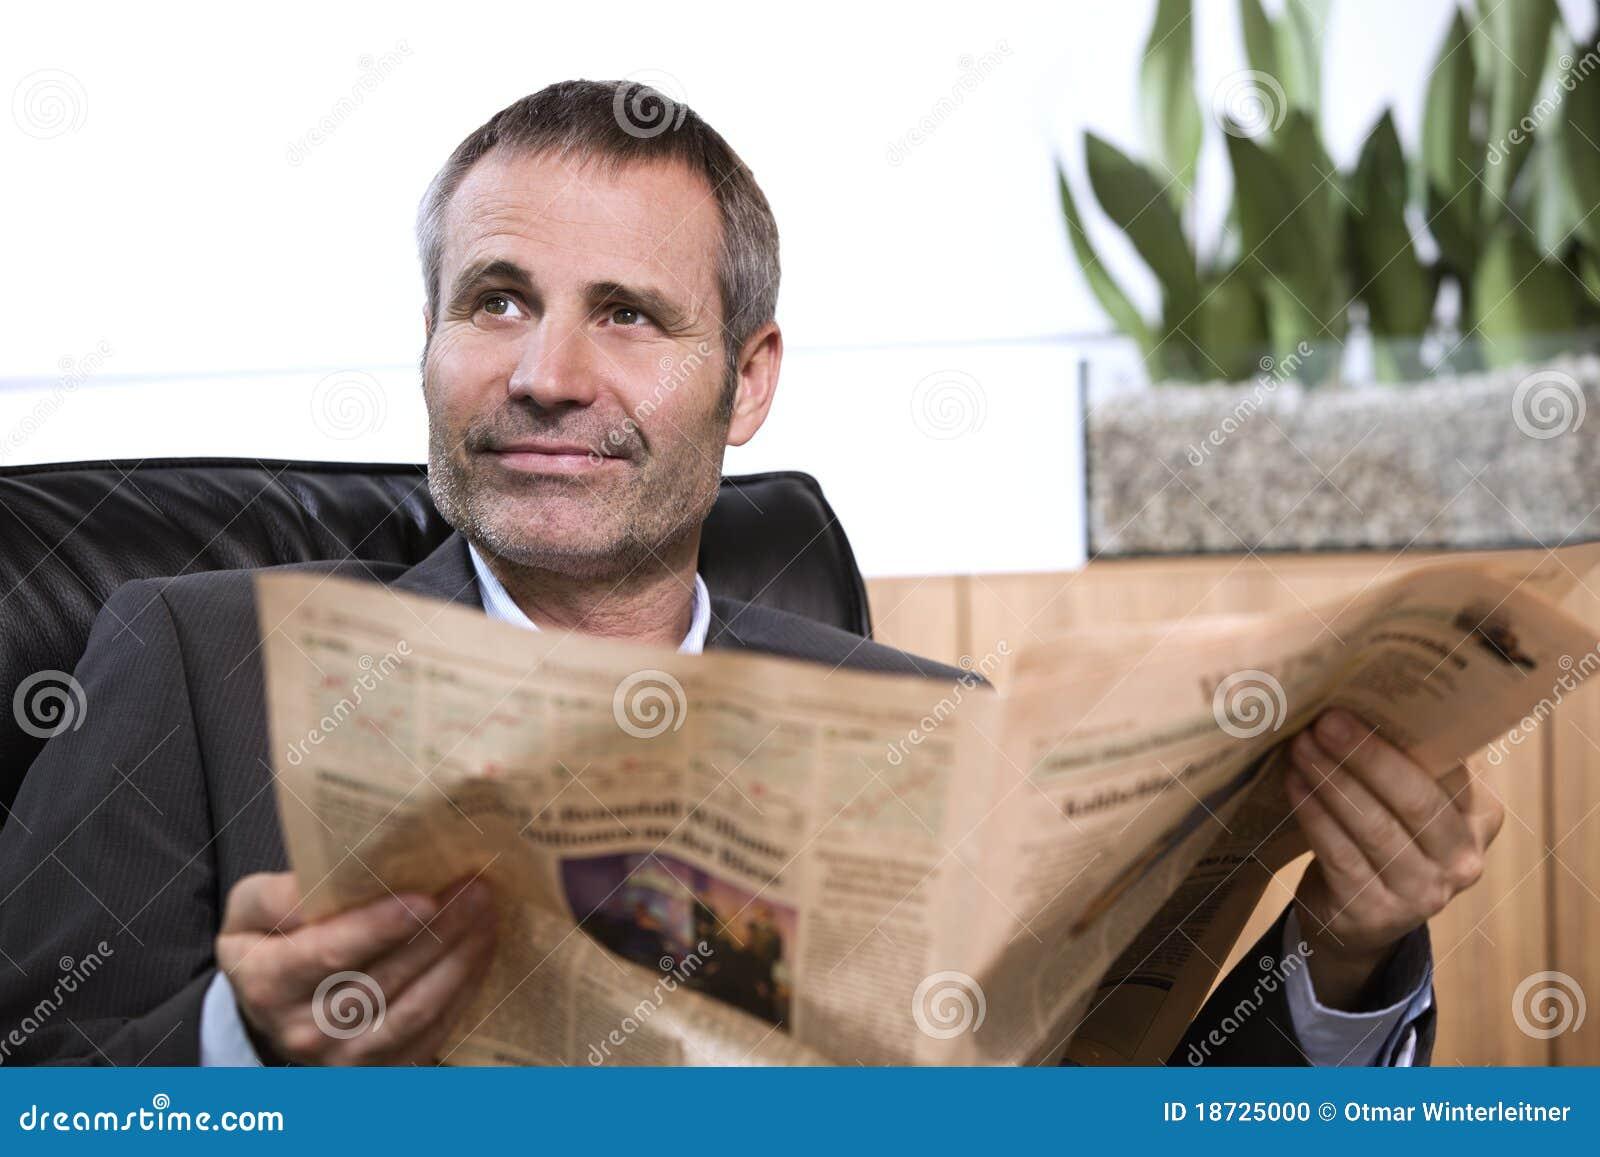 Periódico de la lectura del hombre de negocios y mirada para arriba.